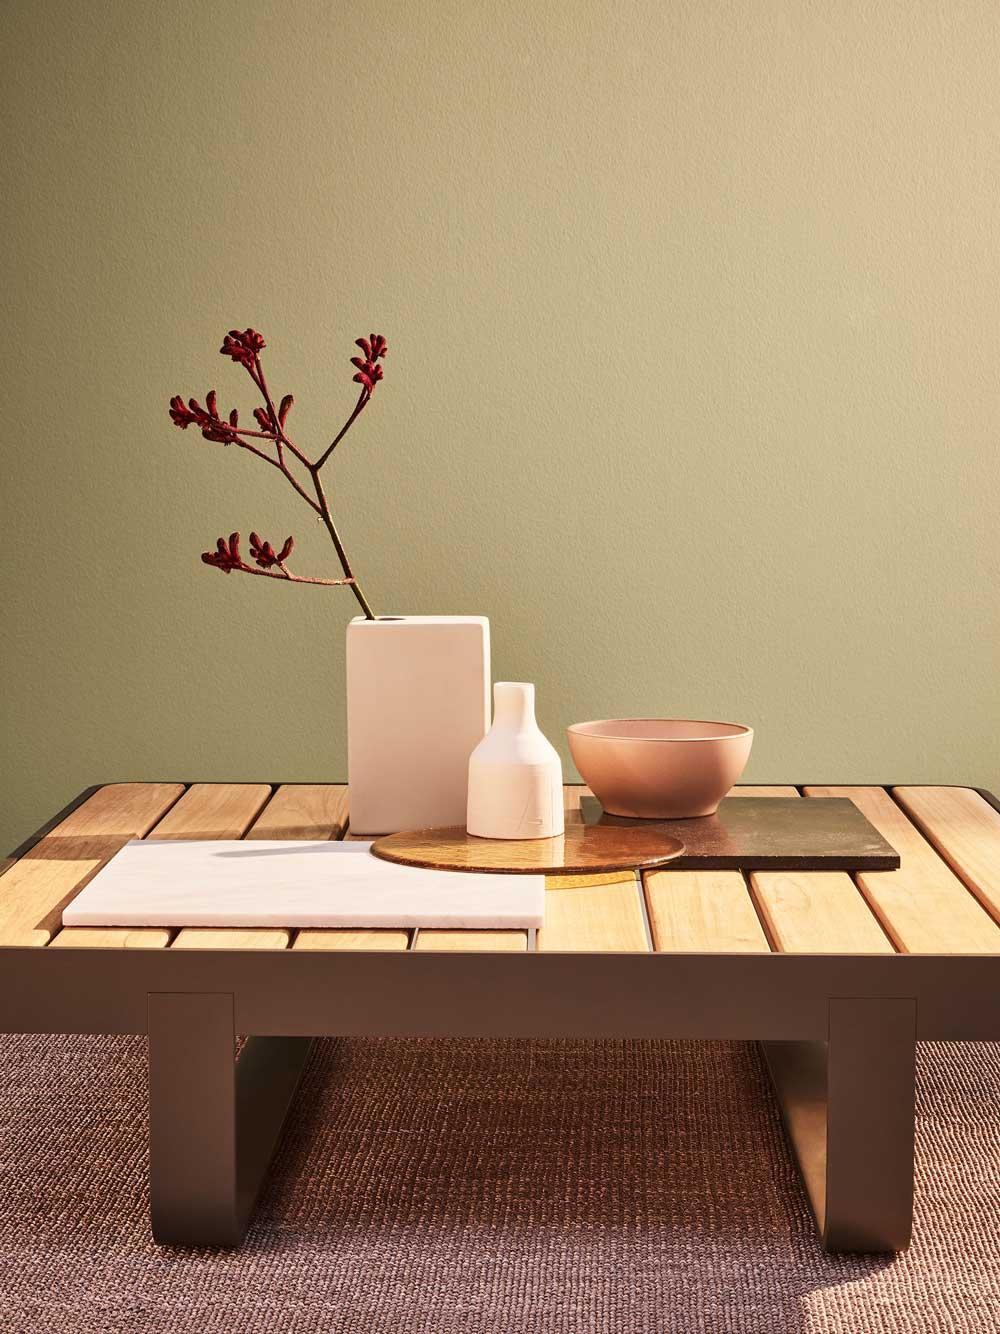 Tavoli Makemake - Collezione di tavoli per esterno